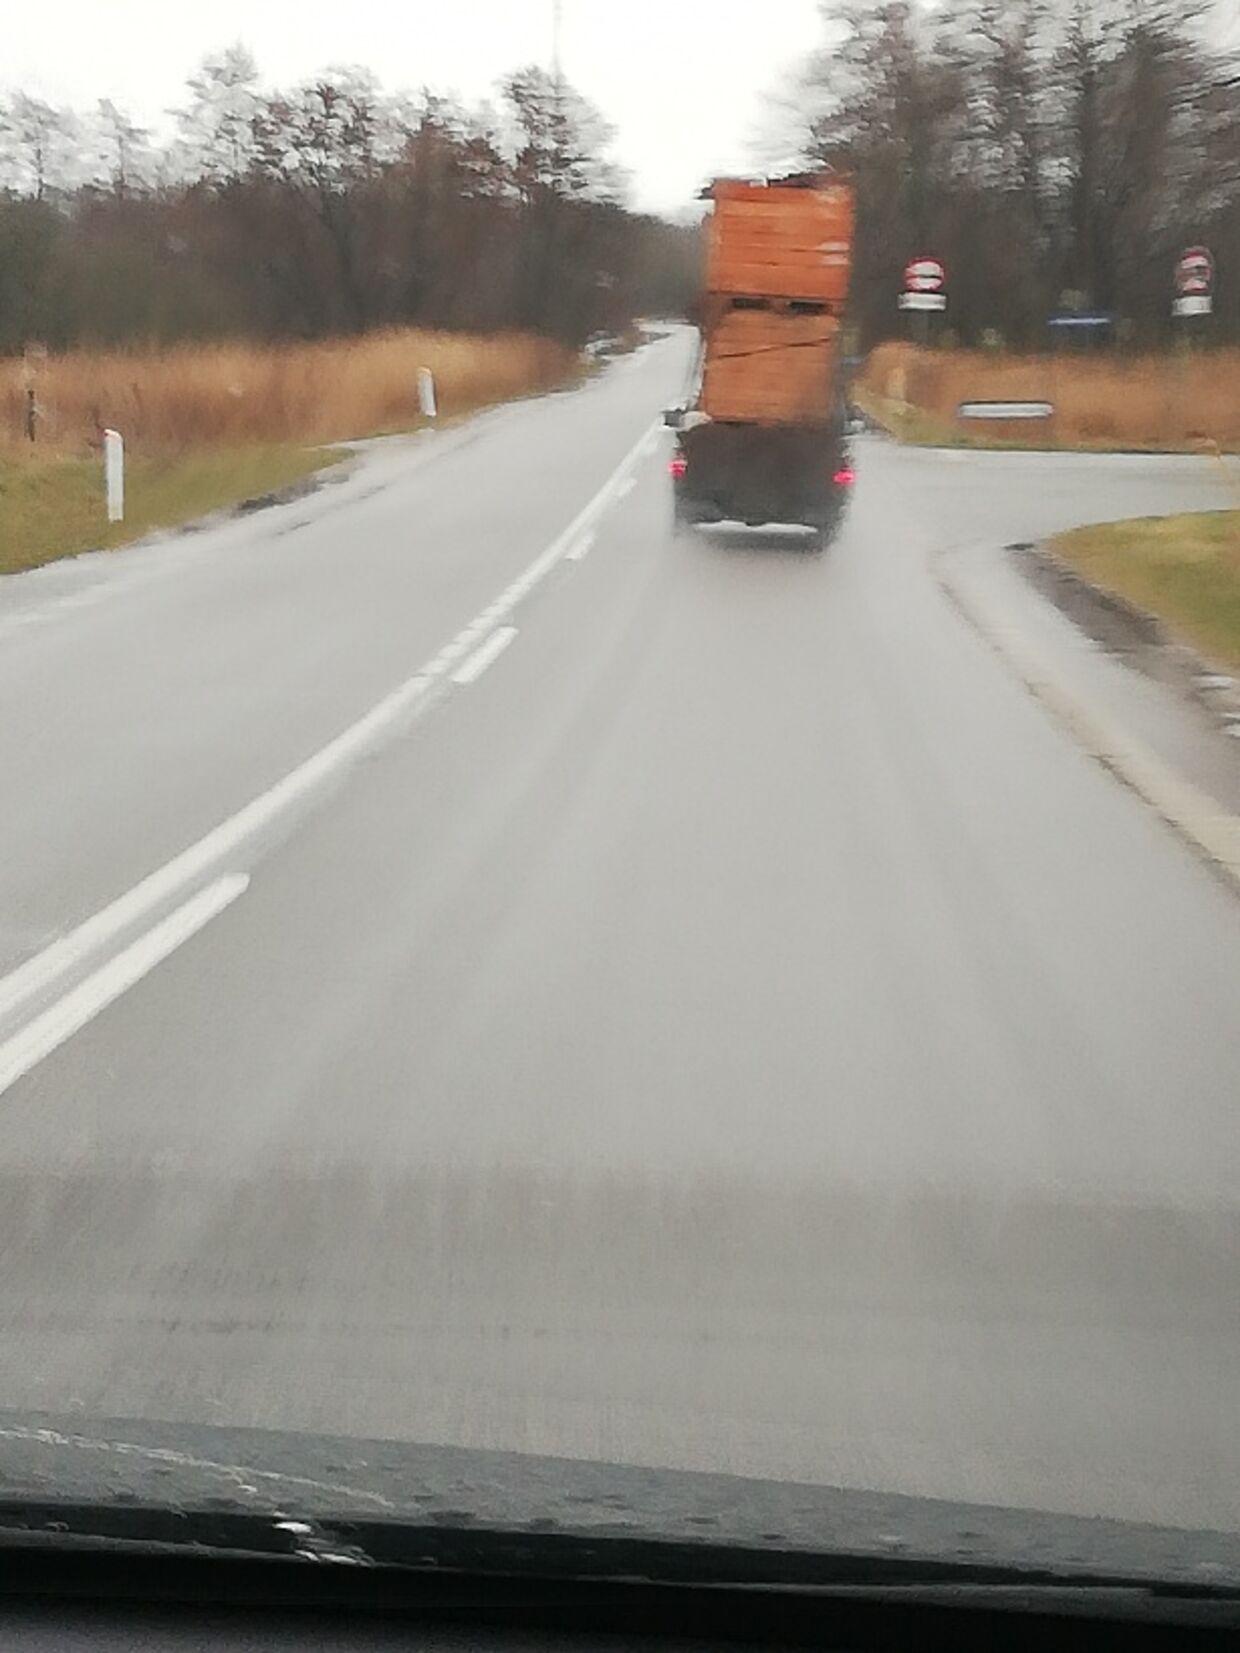 Det var dette syn, der foruroligede Per Larsen, da han mødte den hårdt læssede ladvogn.